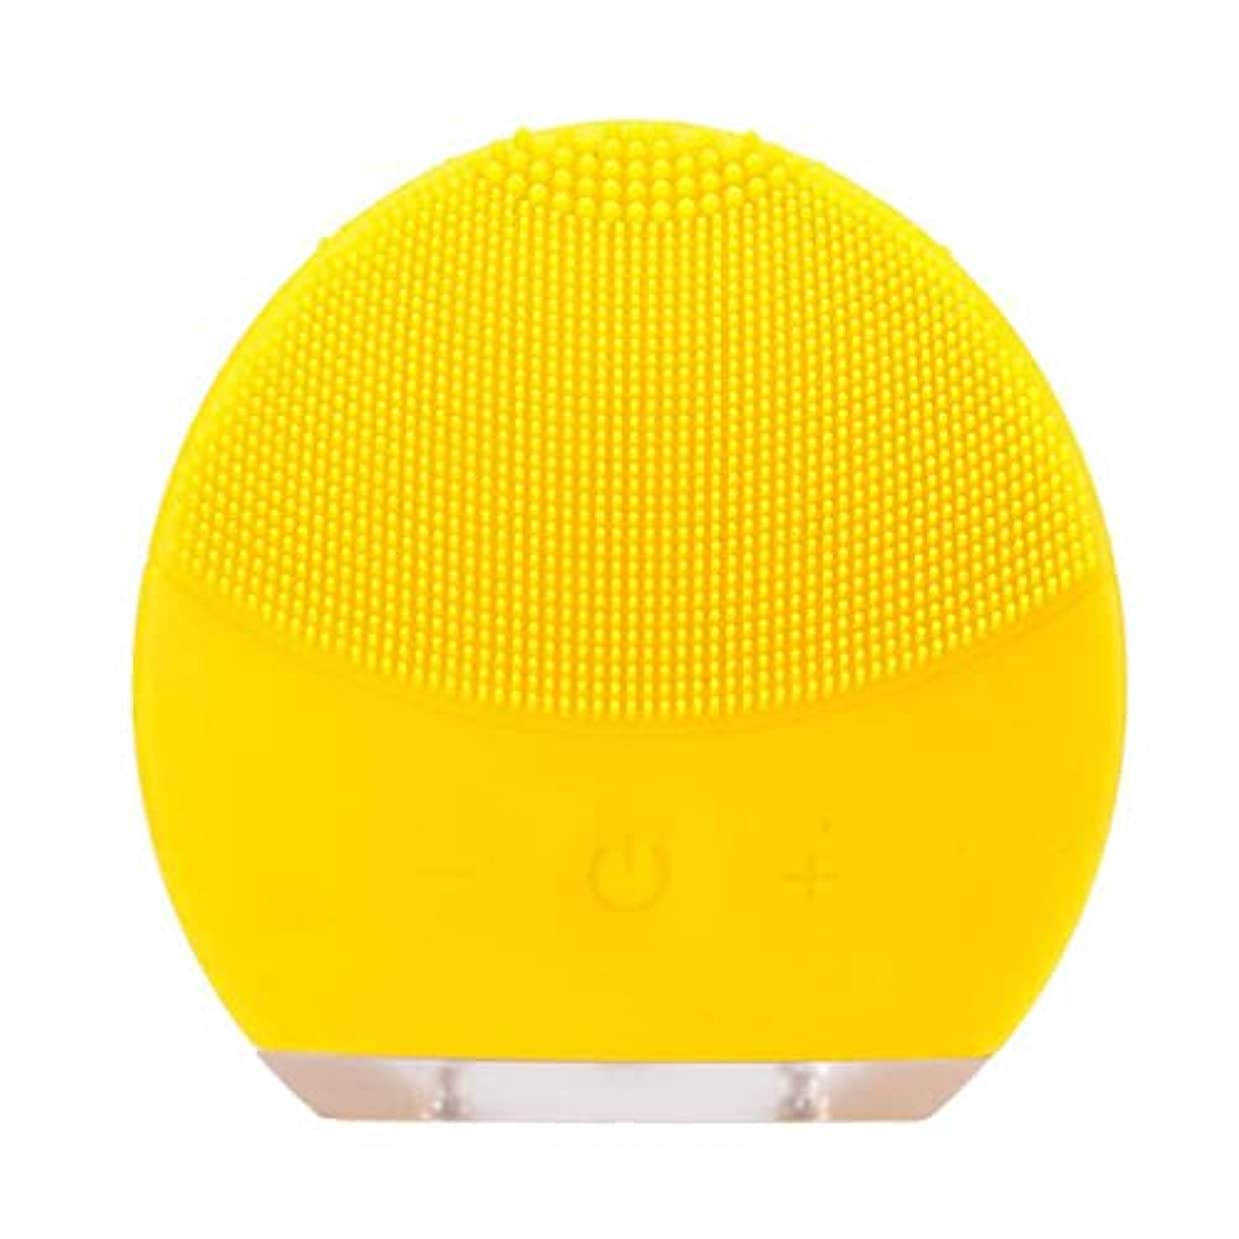 守銭奴知人抑制超音波振動美容機器洗浄器、皮膚の毛穴を最小限に抑えるマイクロダーマブレーション毛穴、USB 充電と防水,Yellow